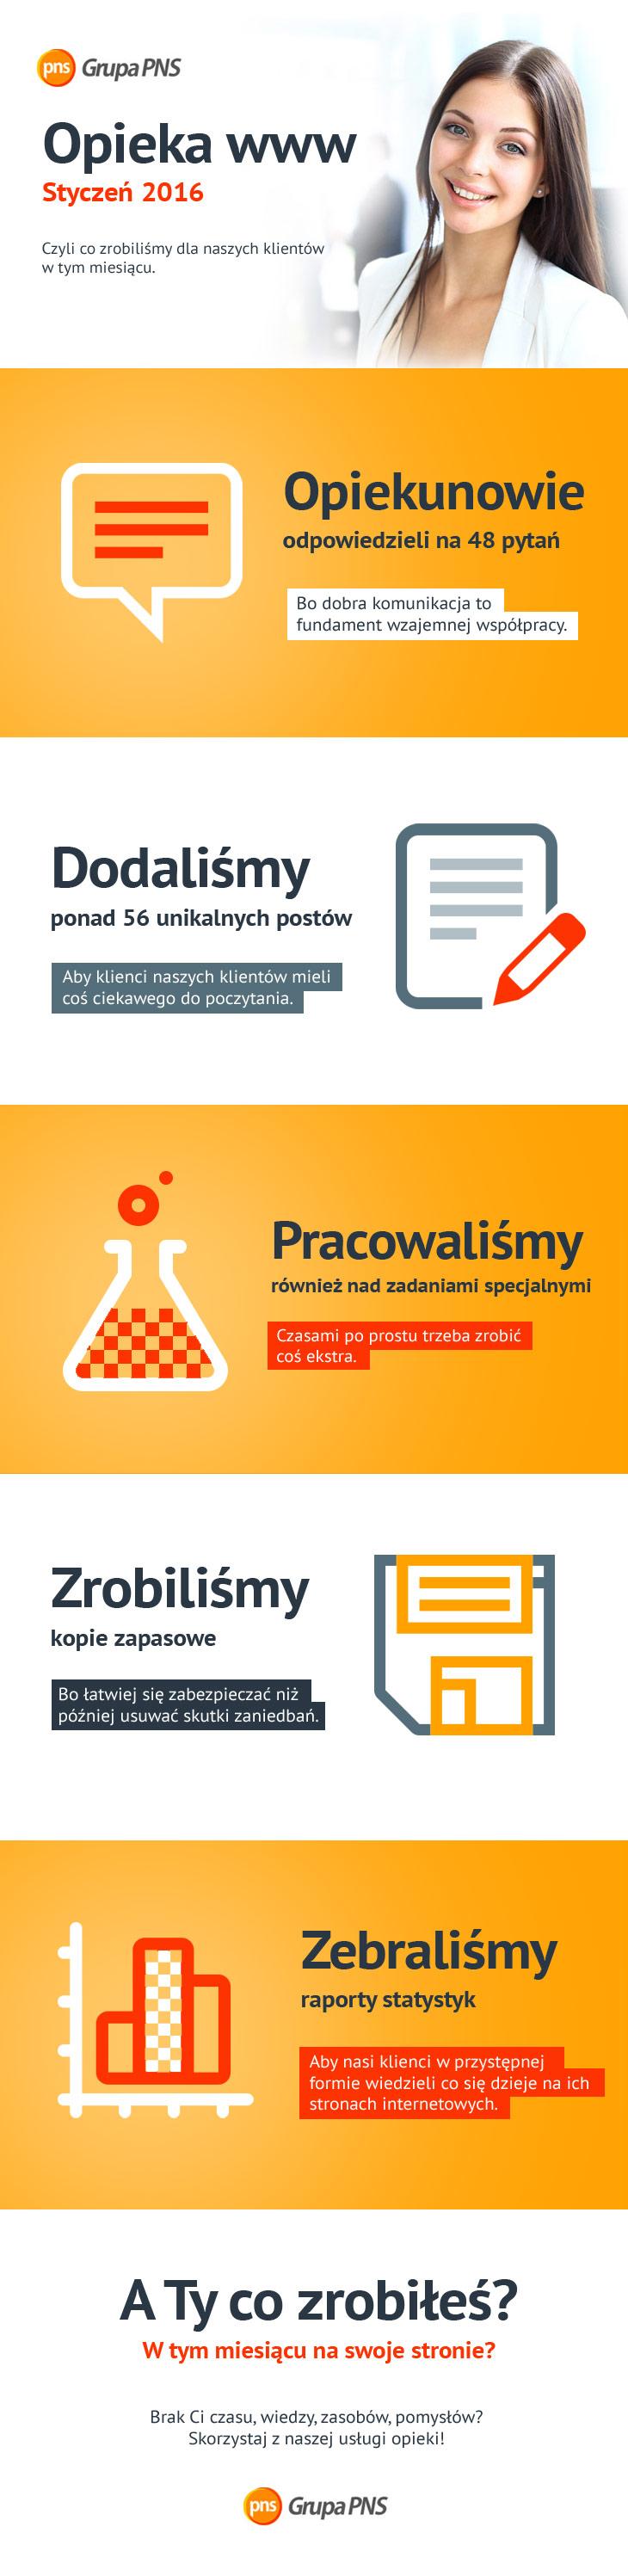 opieka-www-infografika-2